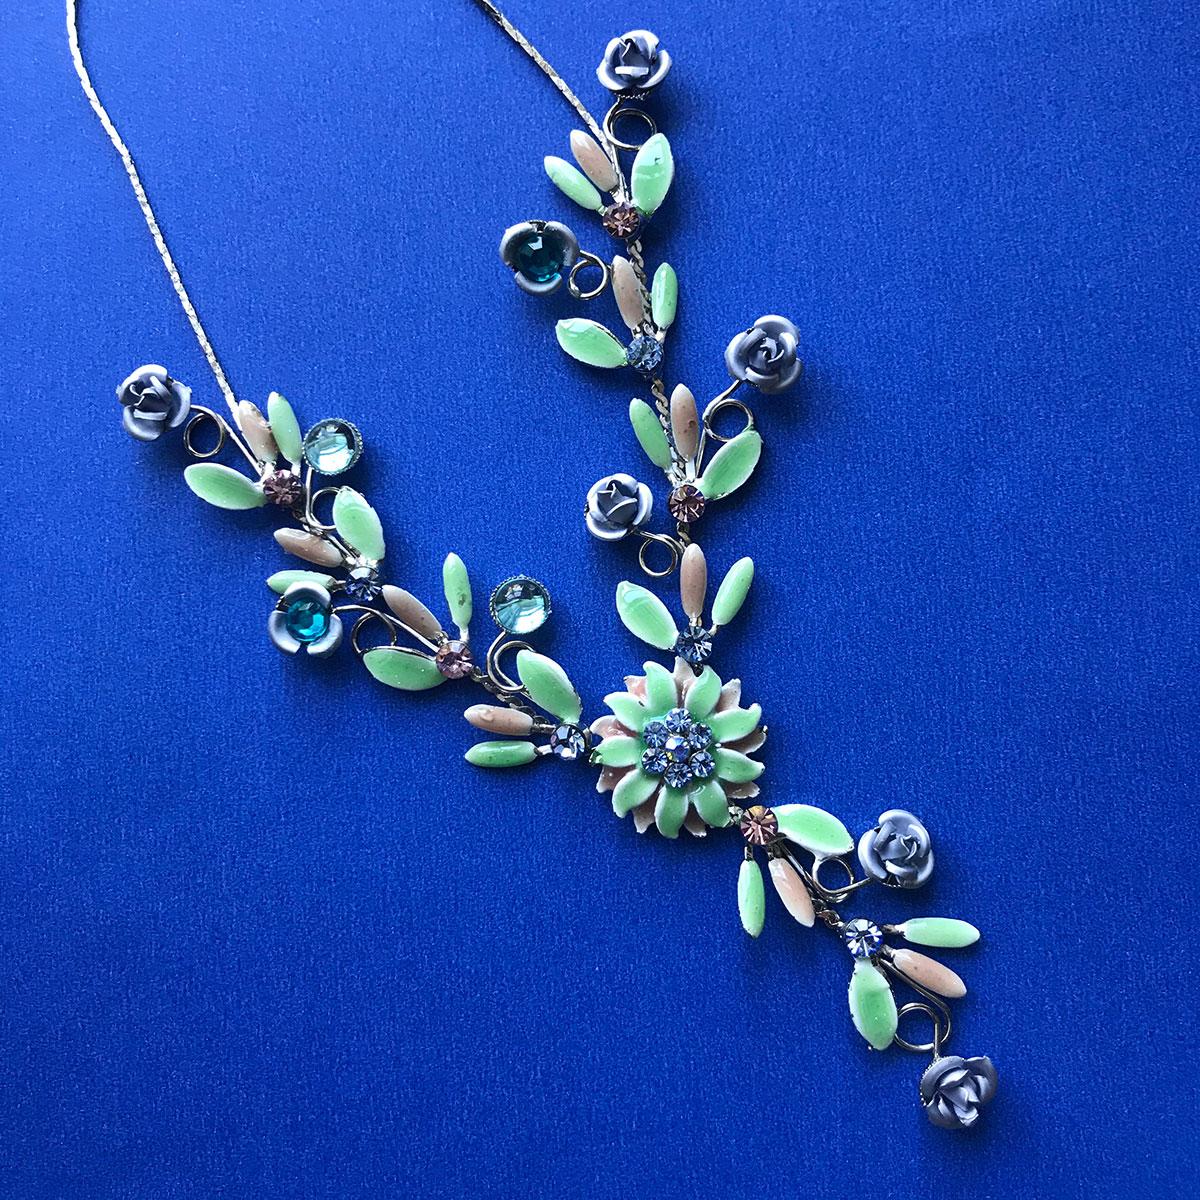 1950's Enamel & Brilliants Necklace